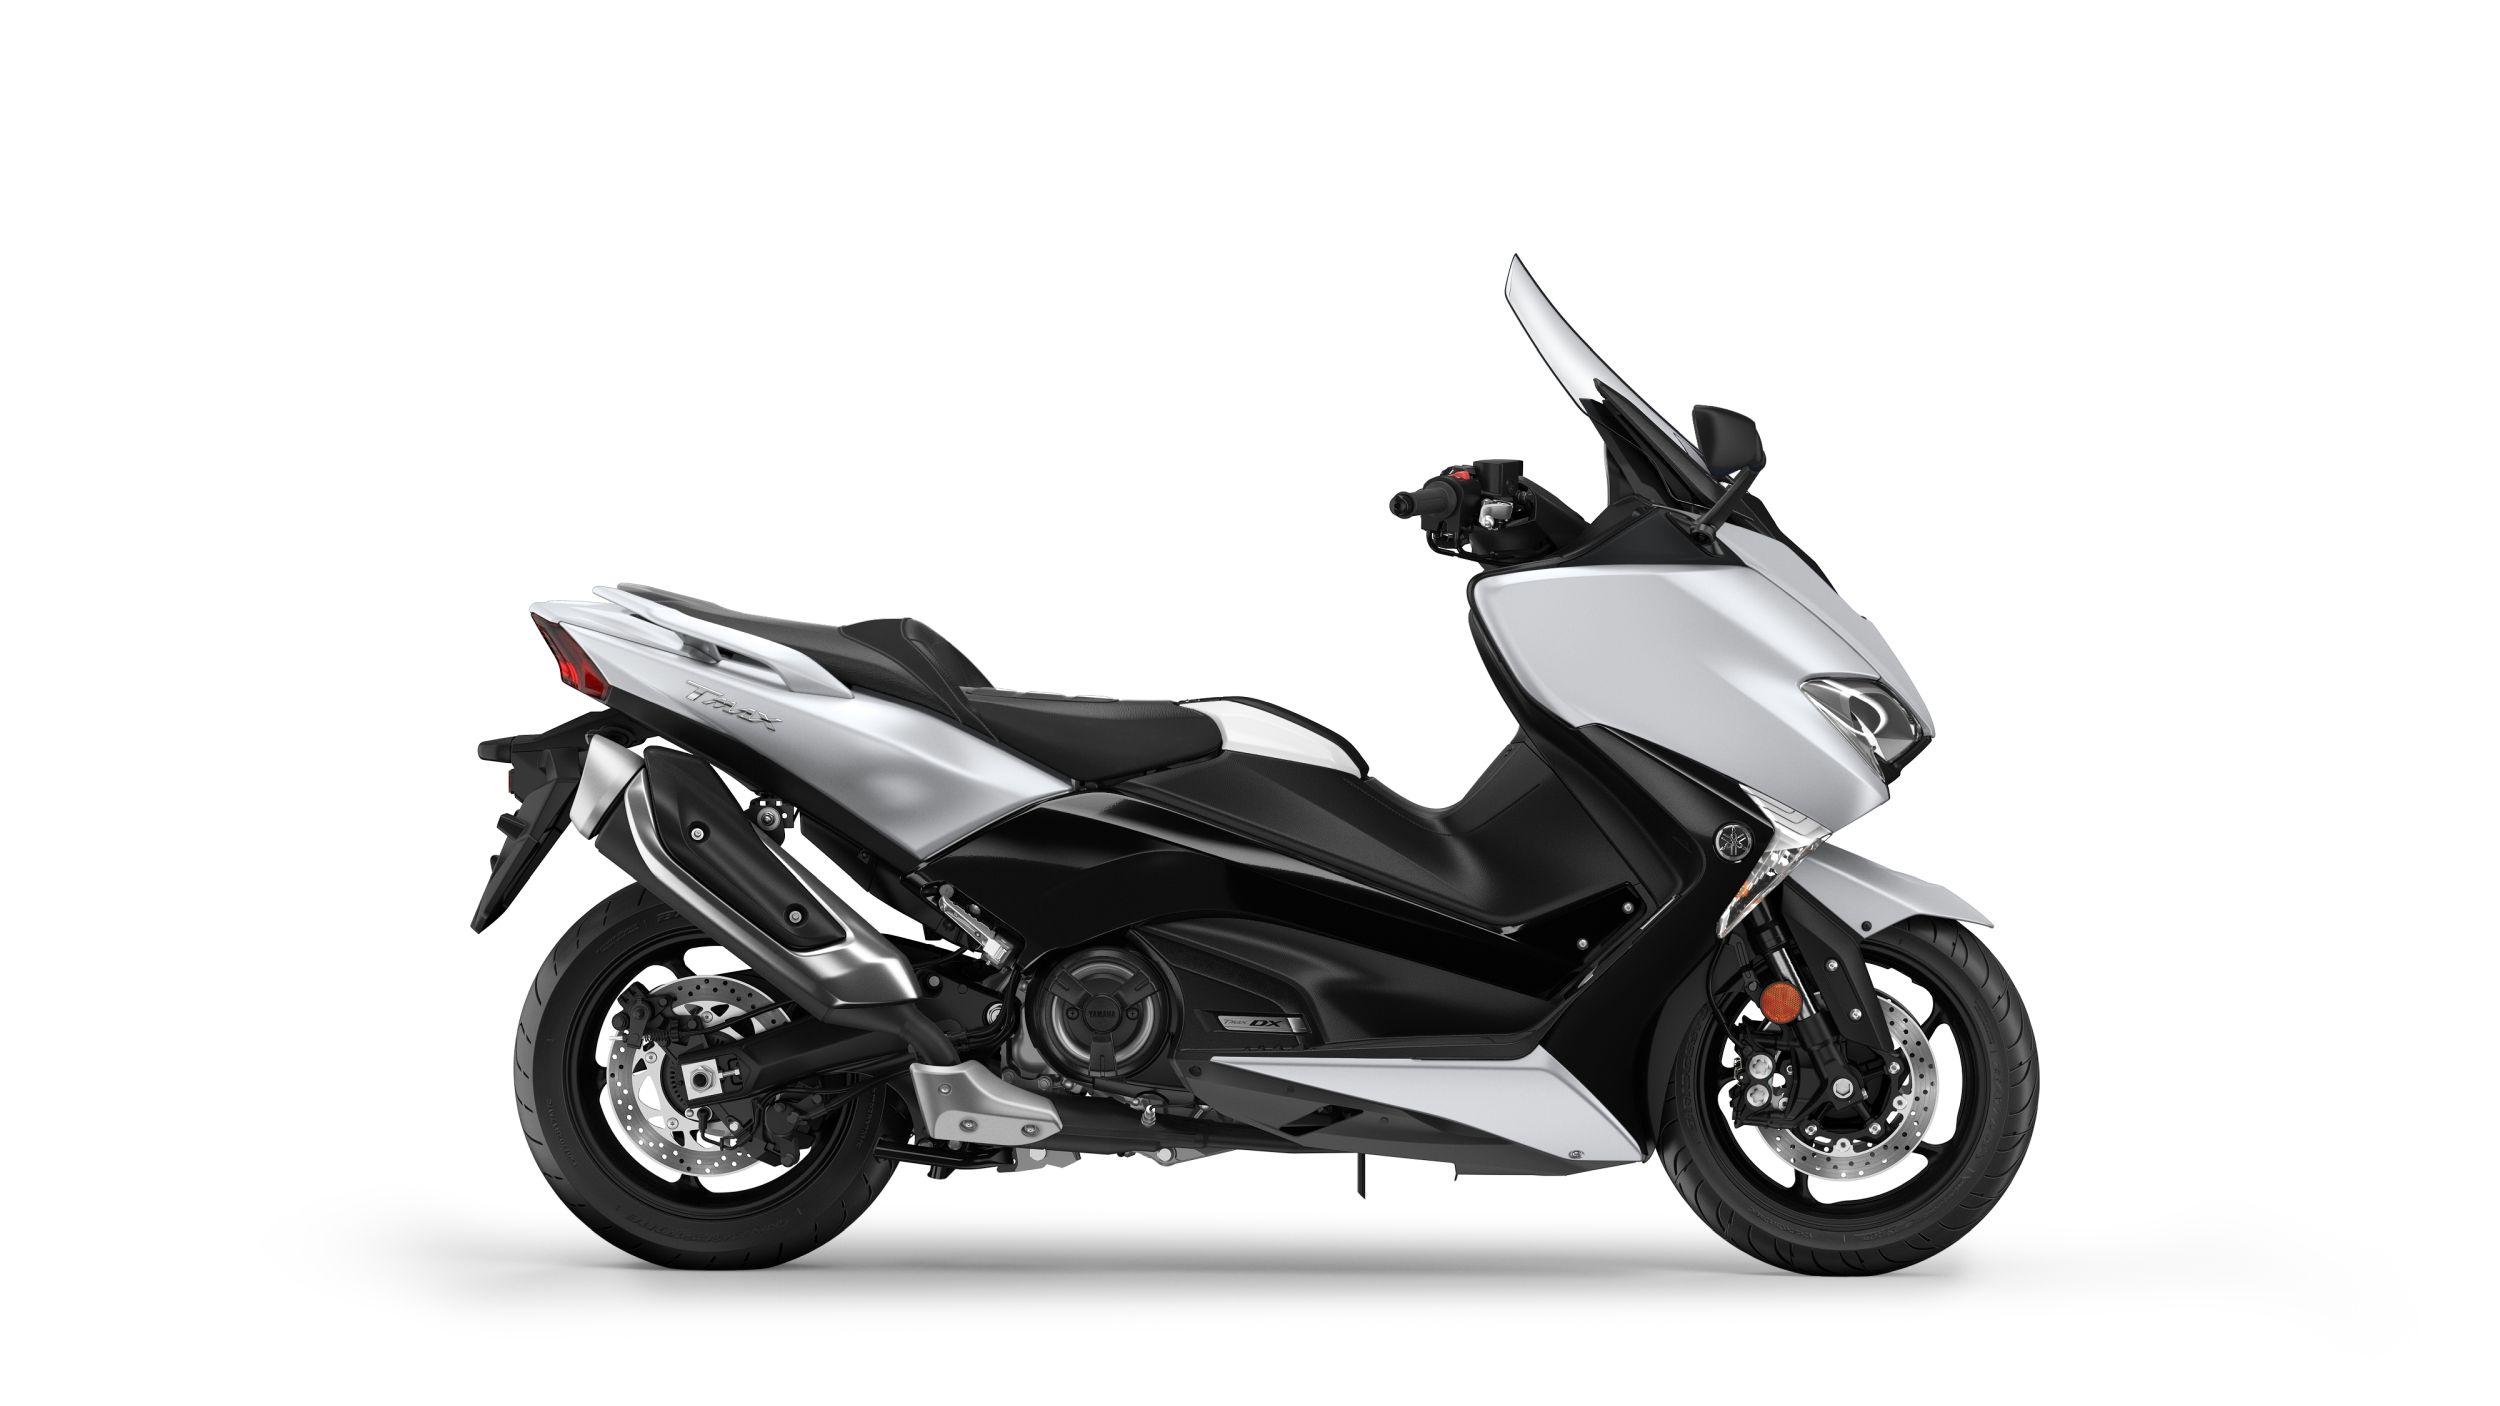 Gebrauchte Und Neue Yamaha Tmax Dx Motorräder Kaufen